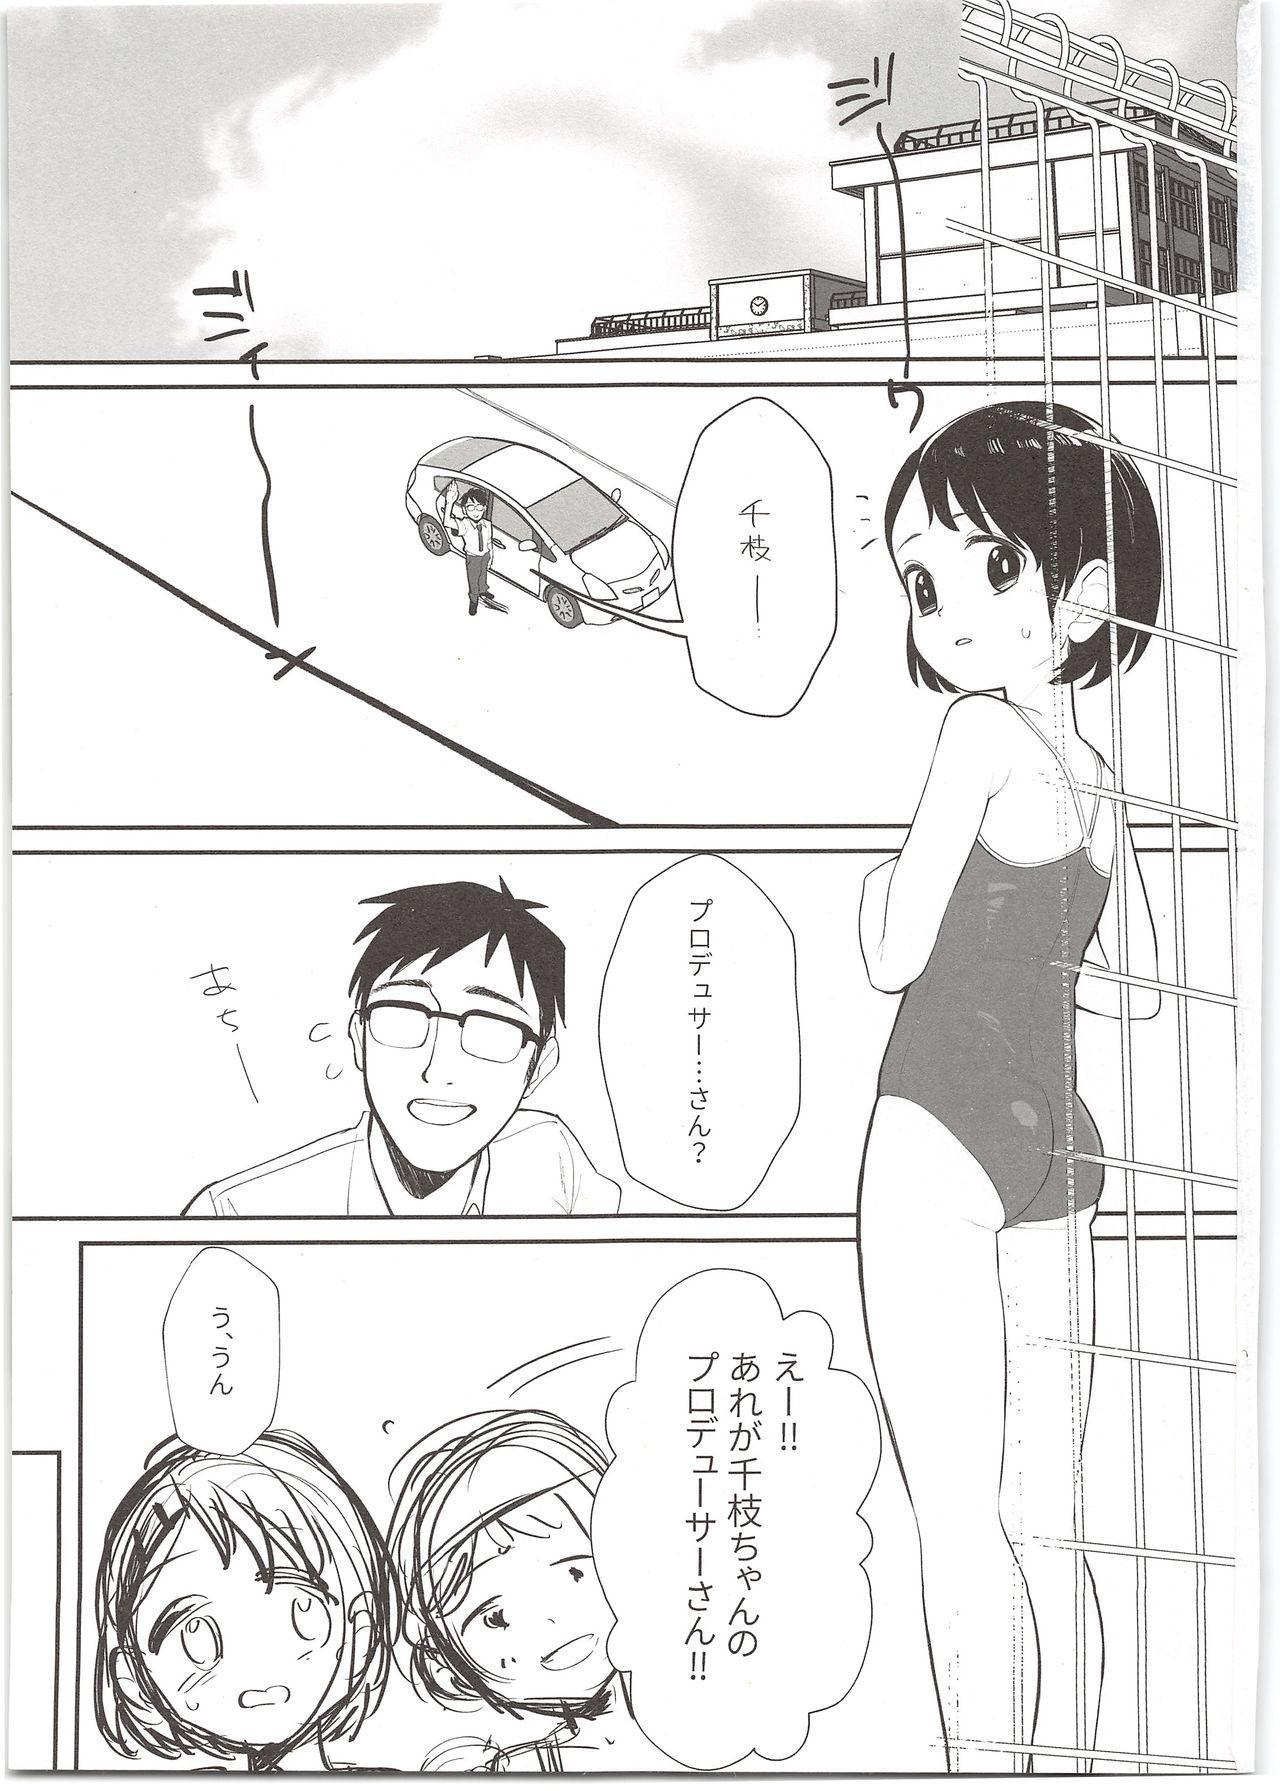 Midara no Shiro Usagi 2